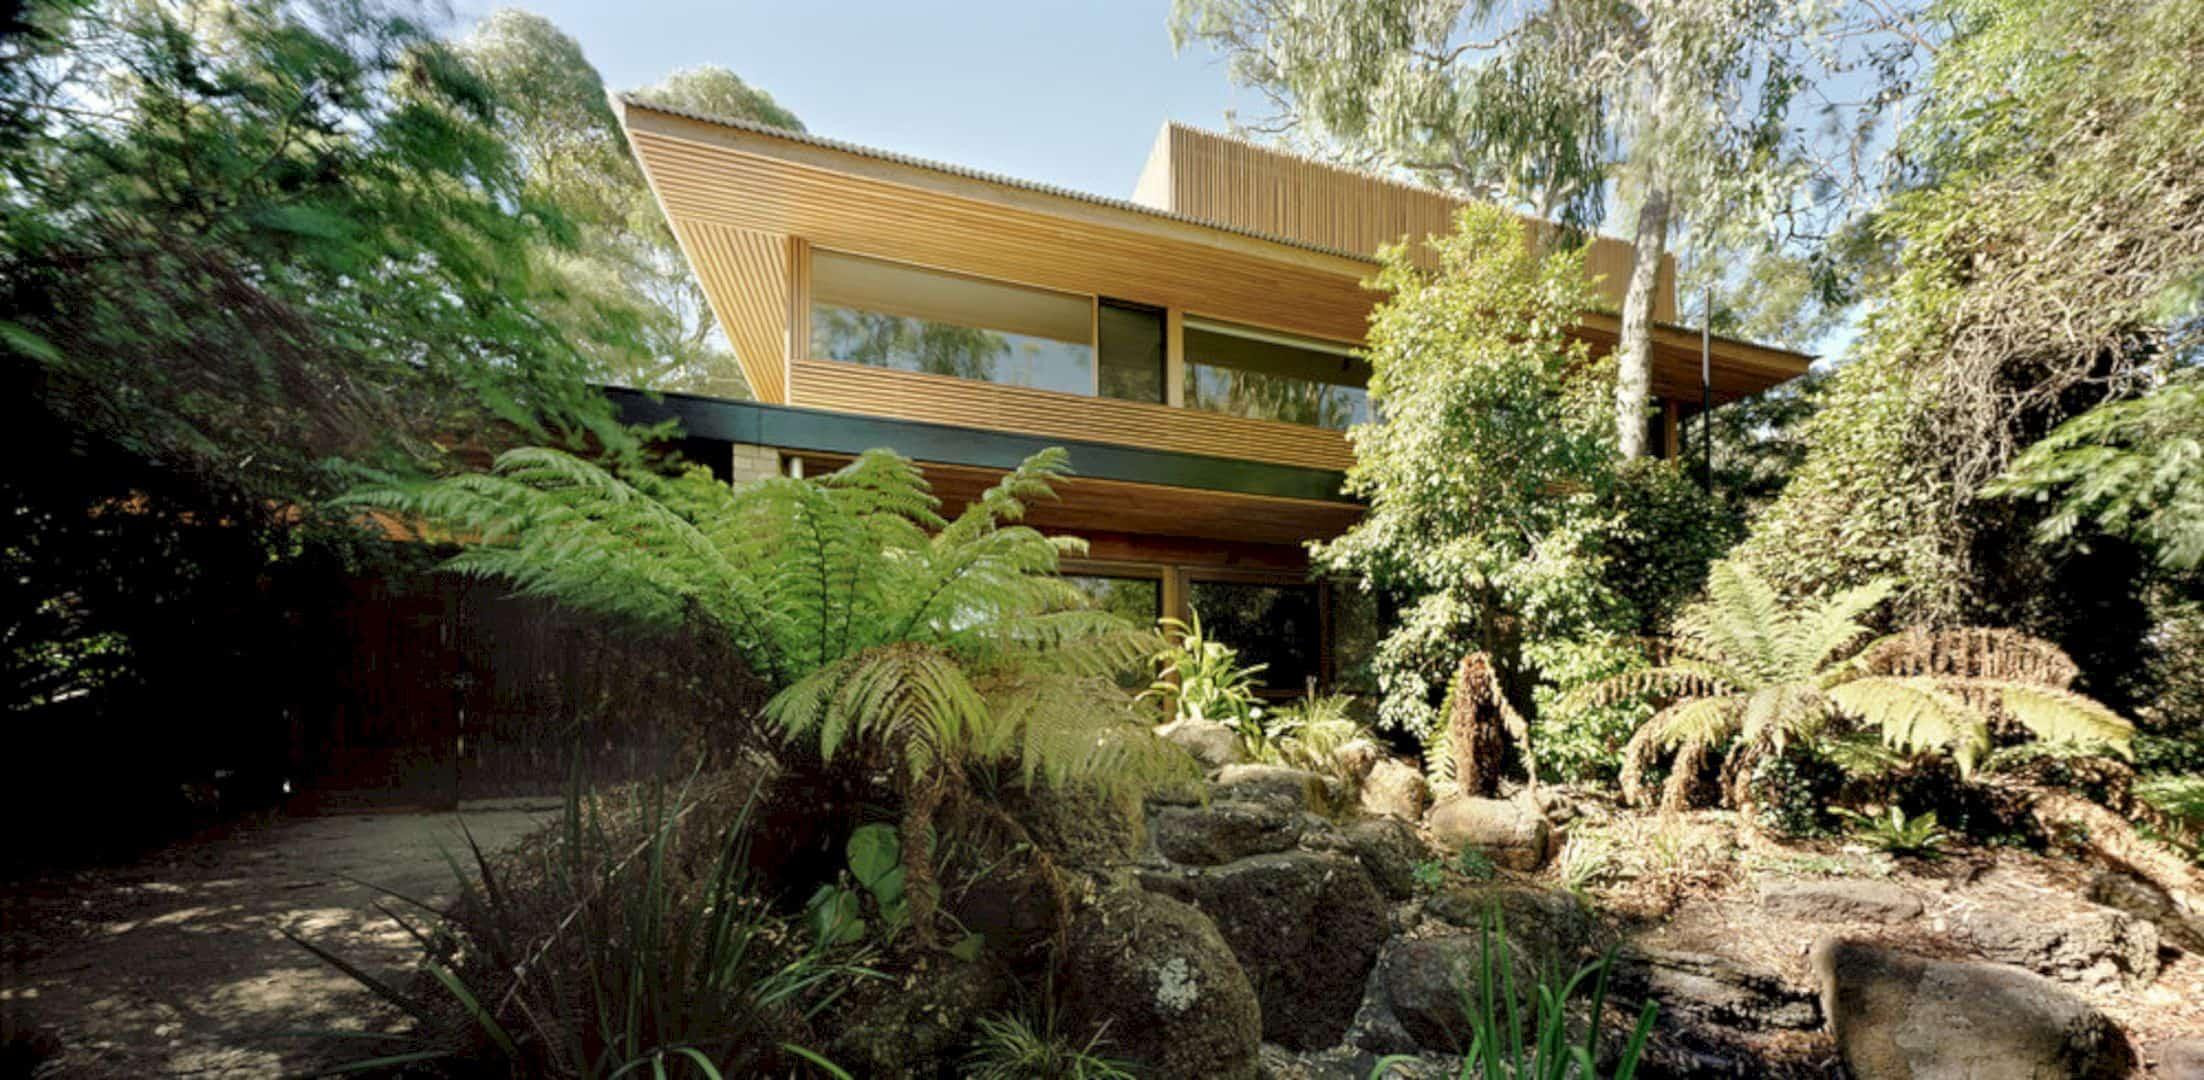 Bush Studio Eltham By Zen Architects 2